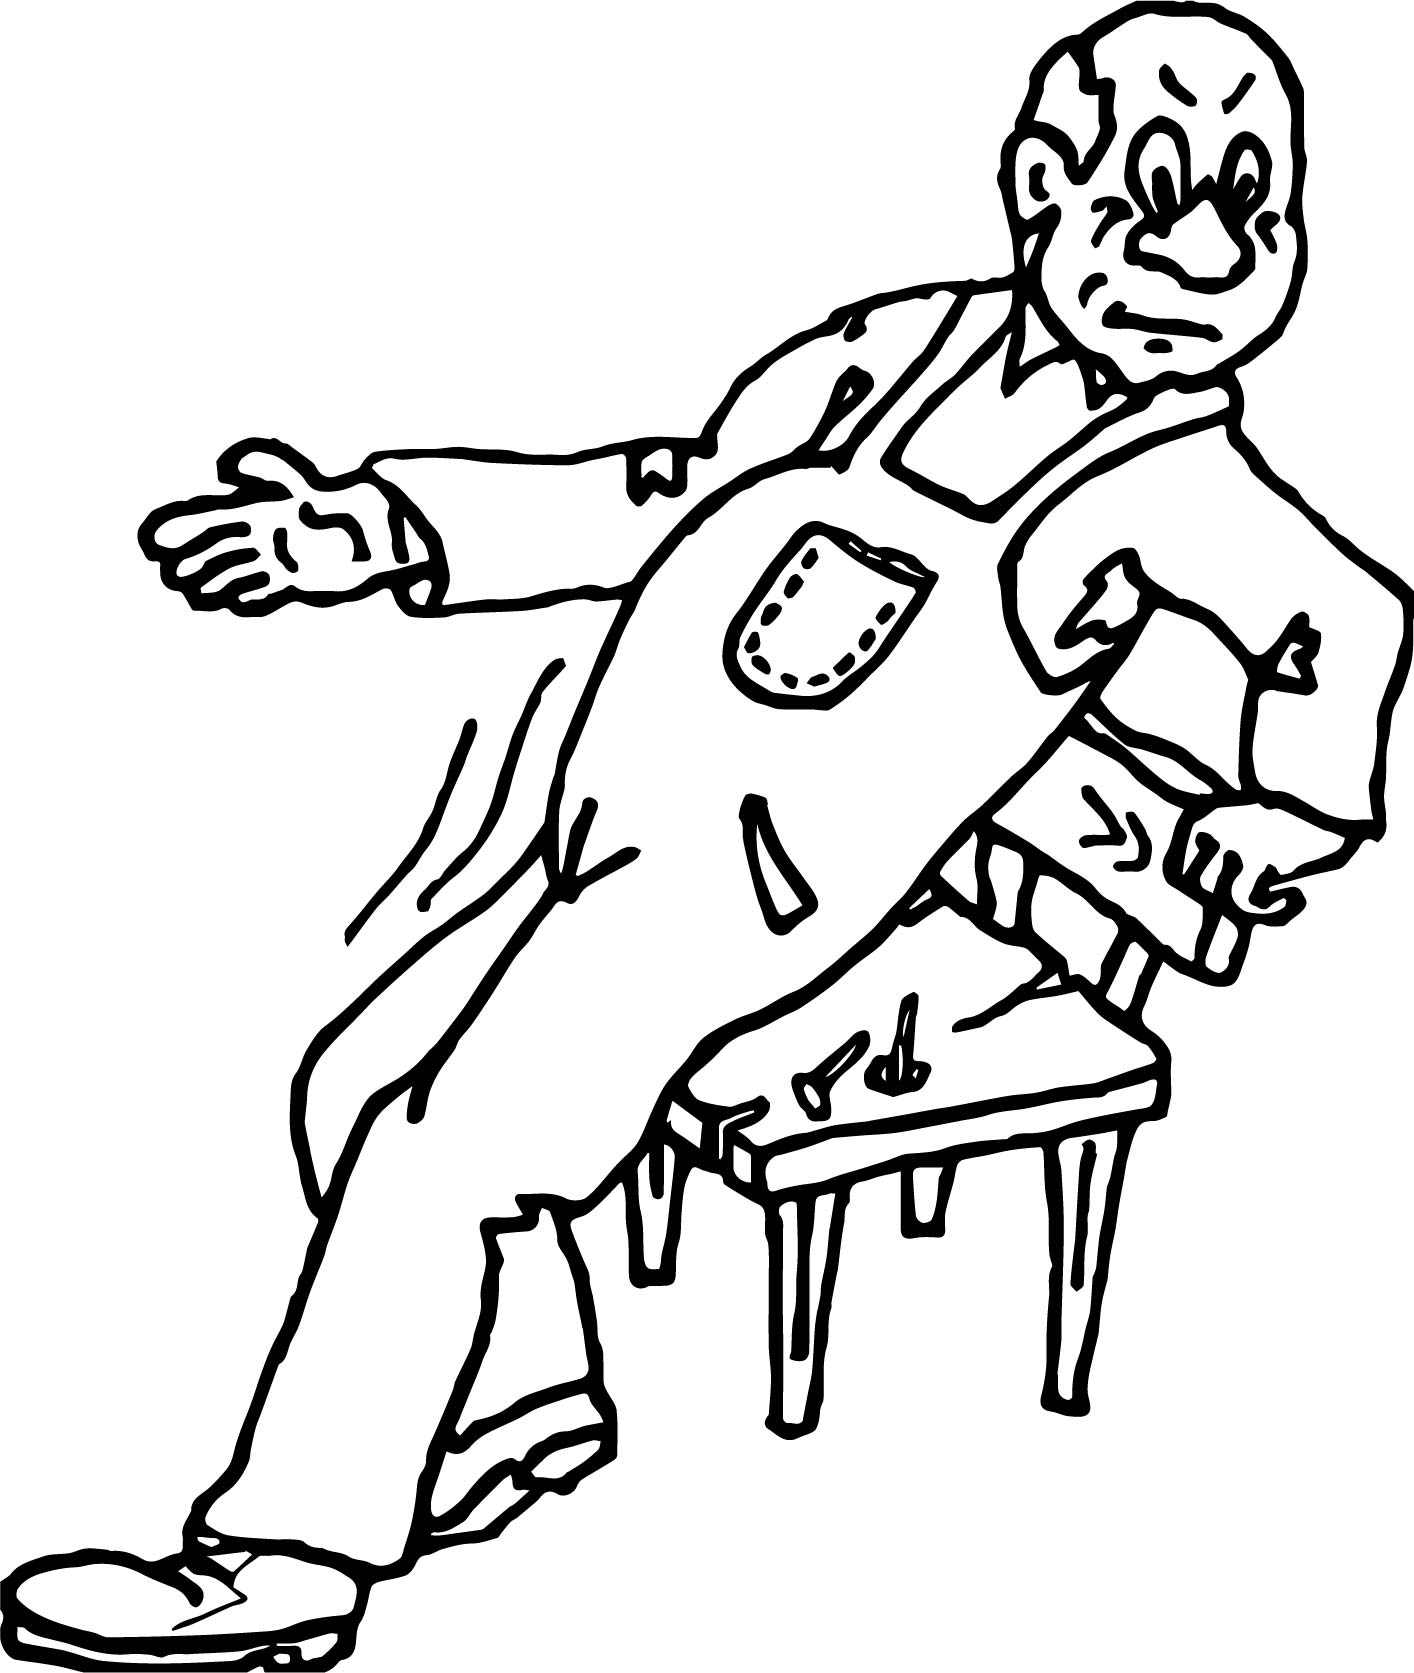 Carpenter Joke Coloring Page